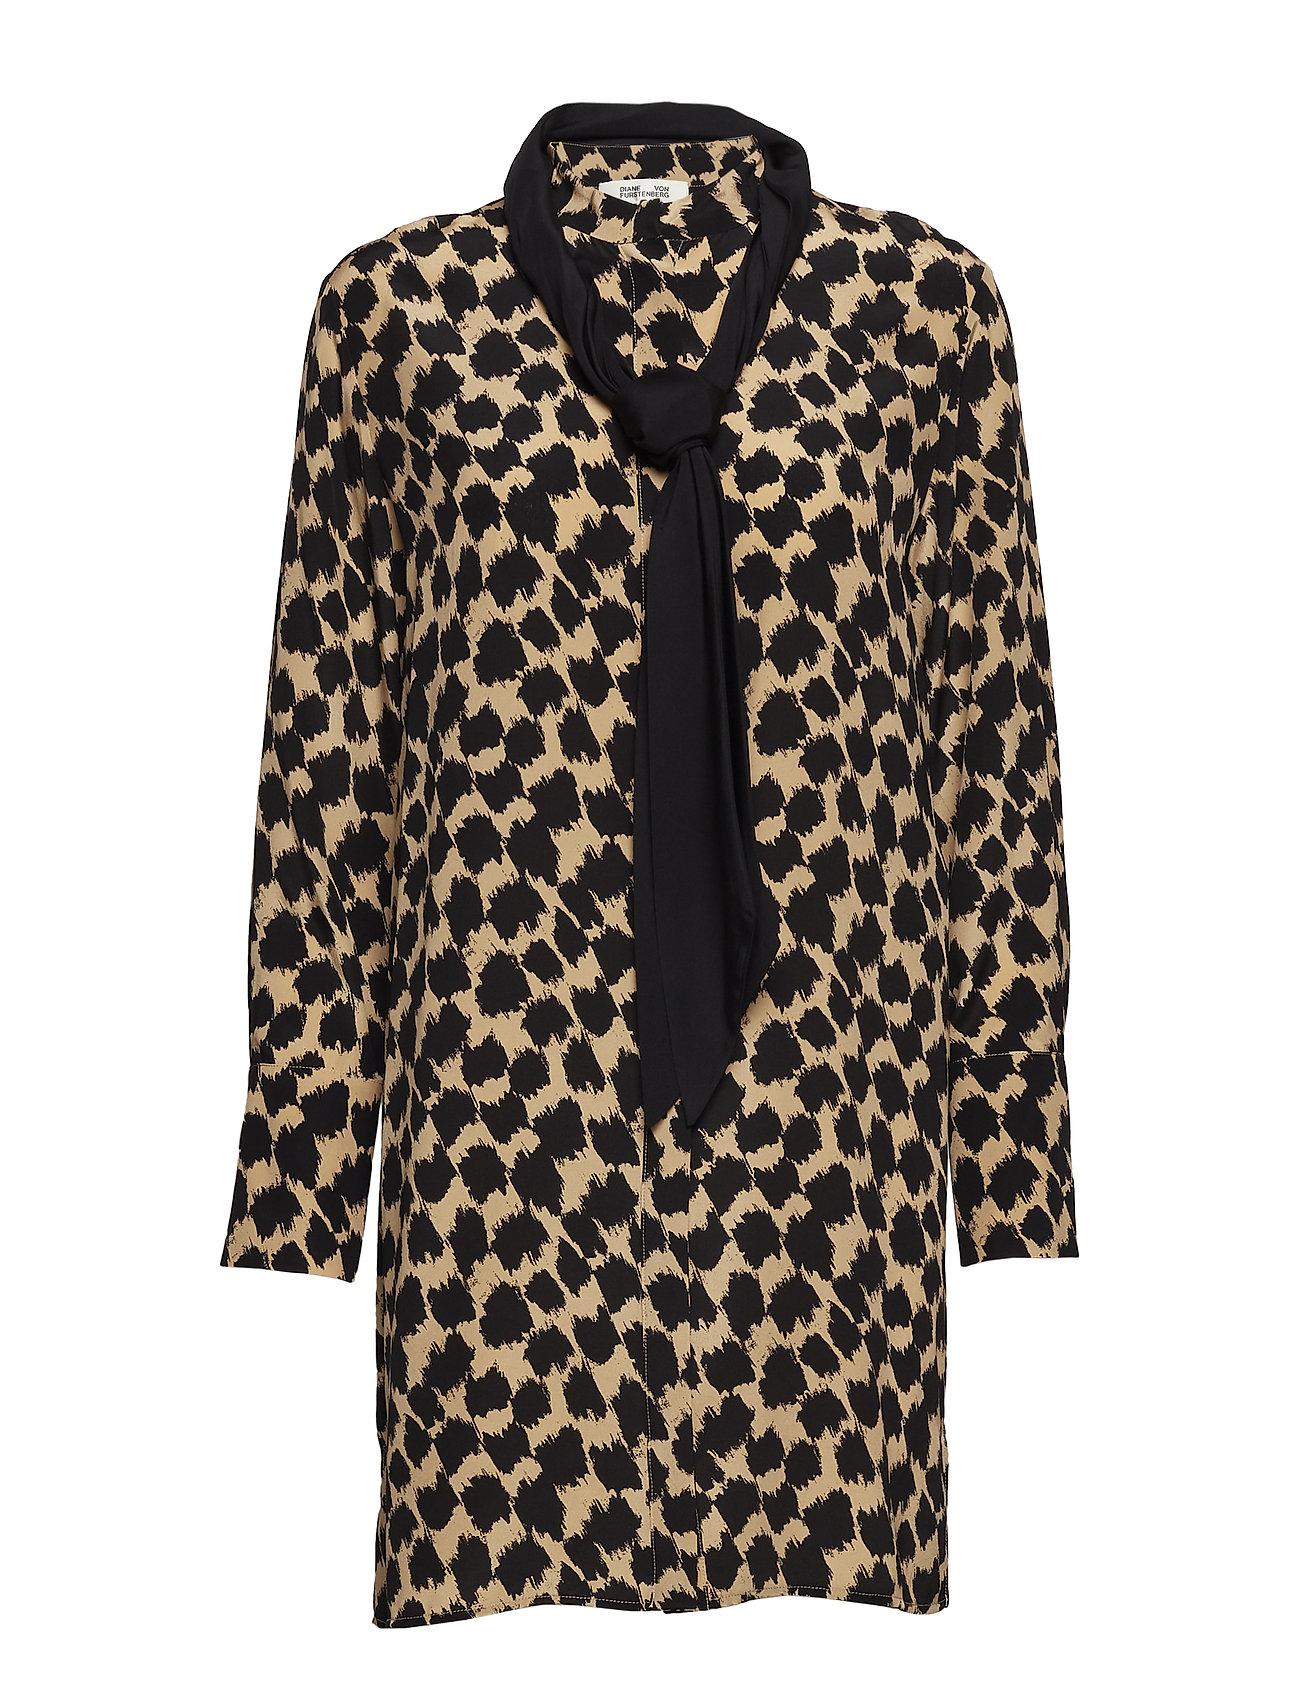 L/S Shirt Dress - Diane von Furstenberg